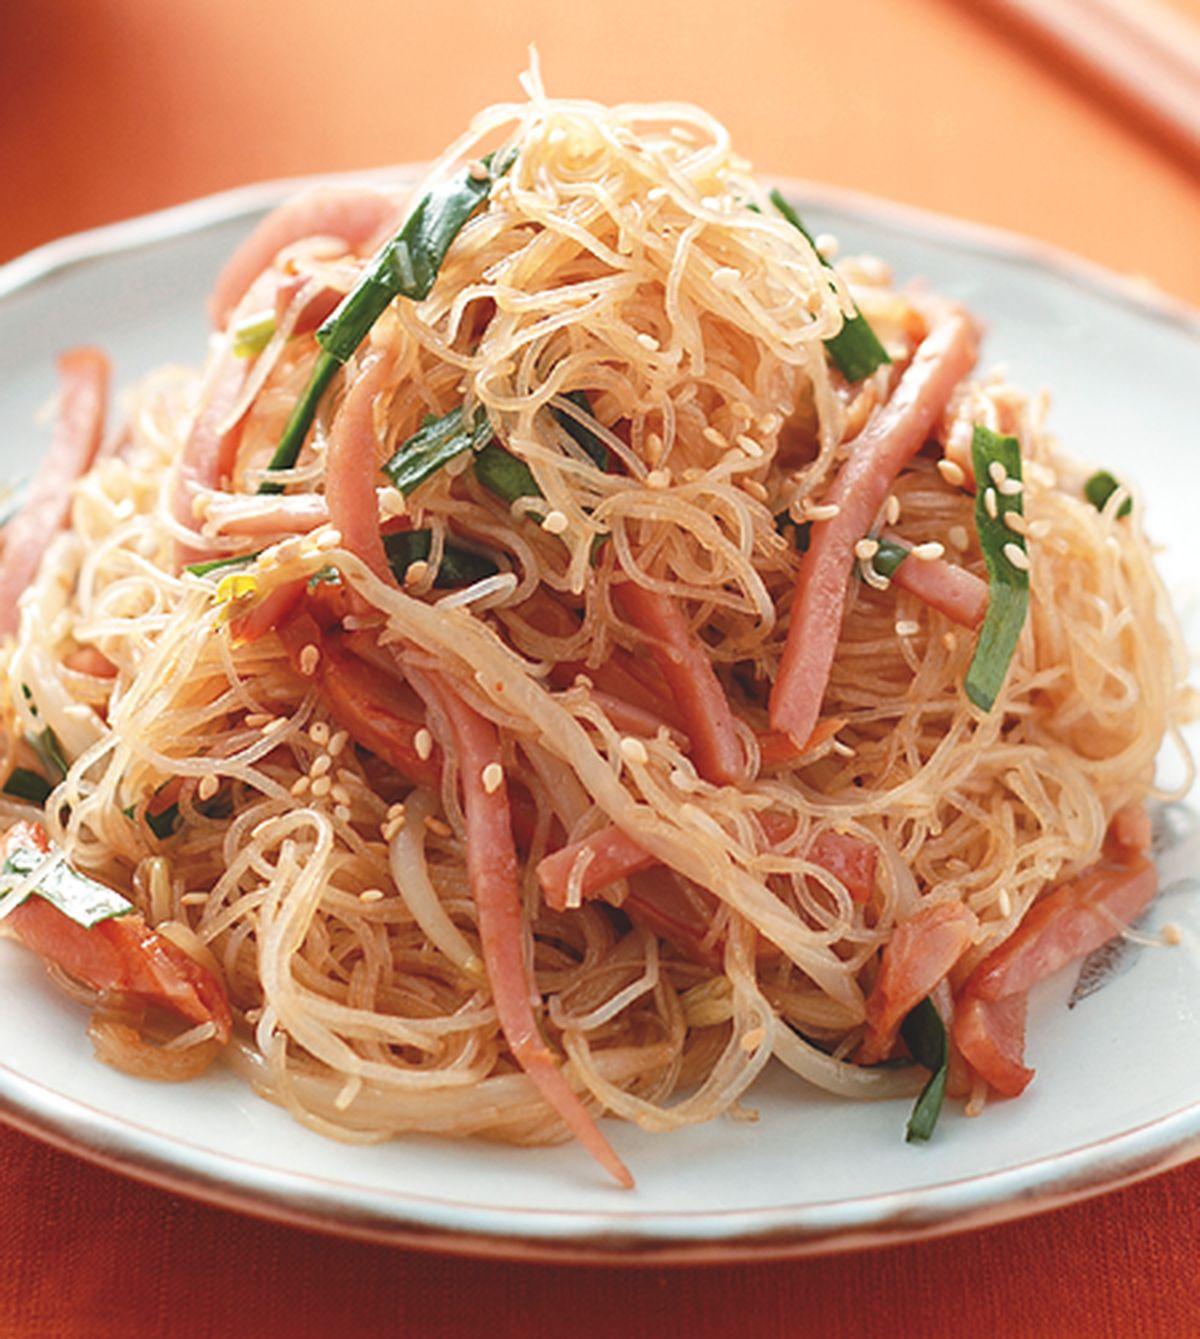 食譜:乾炒火腿雞絲米粉